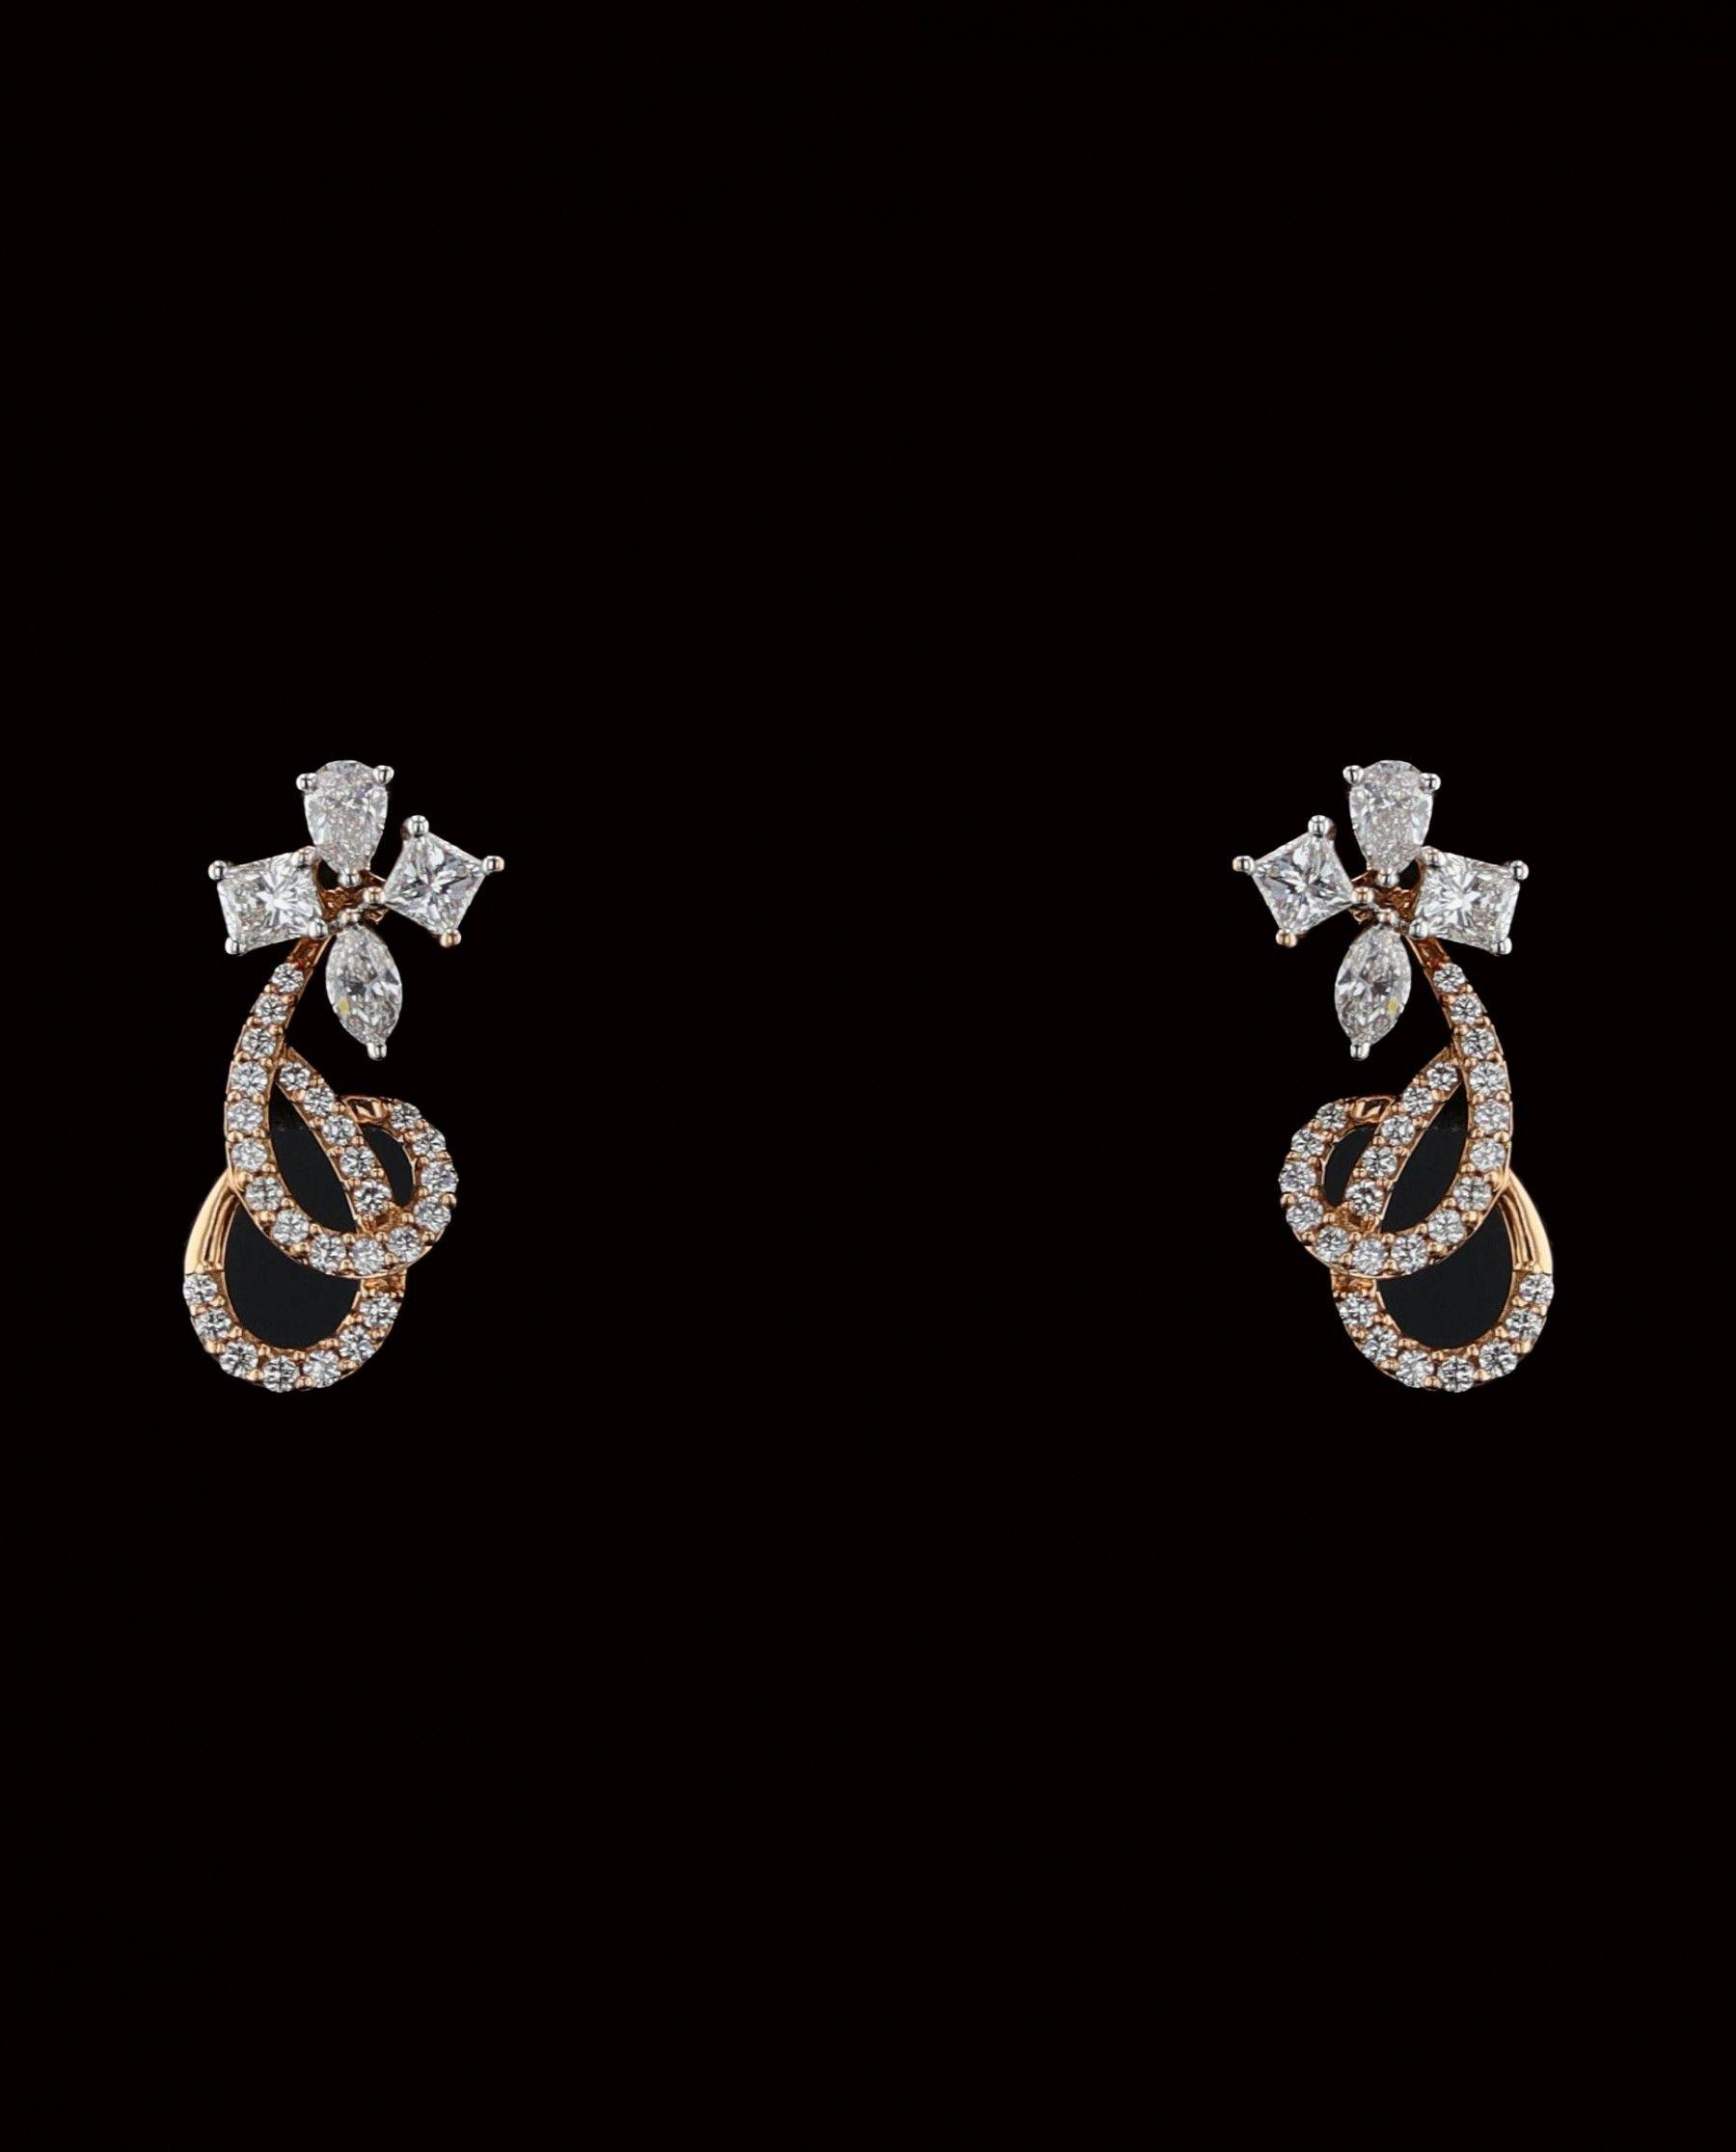 DIAMOND EARRINGS jewelry Pinterest